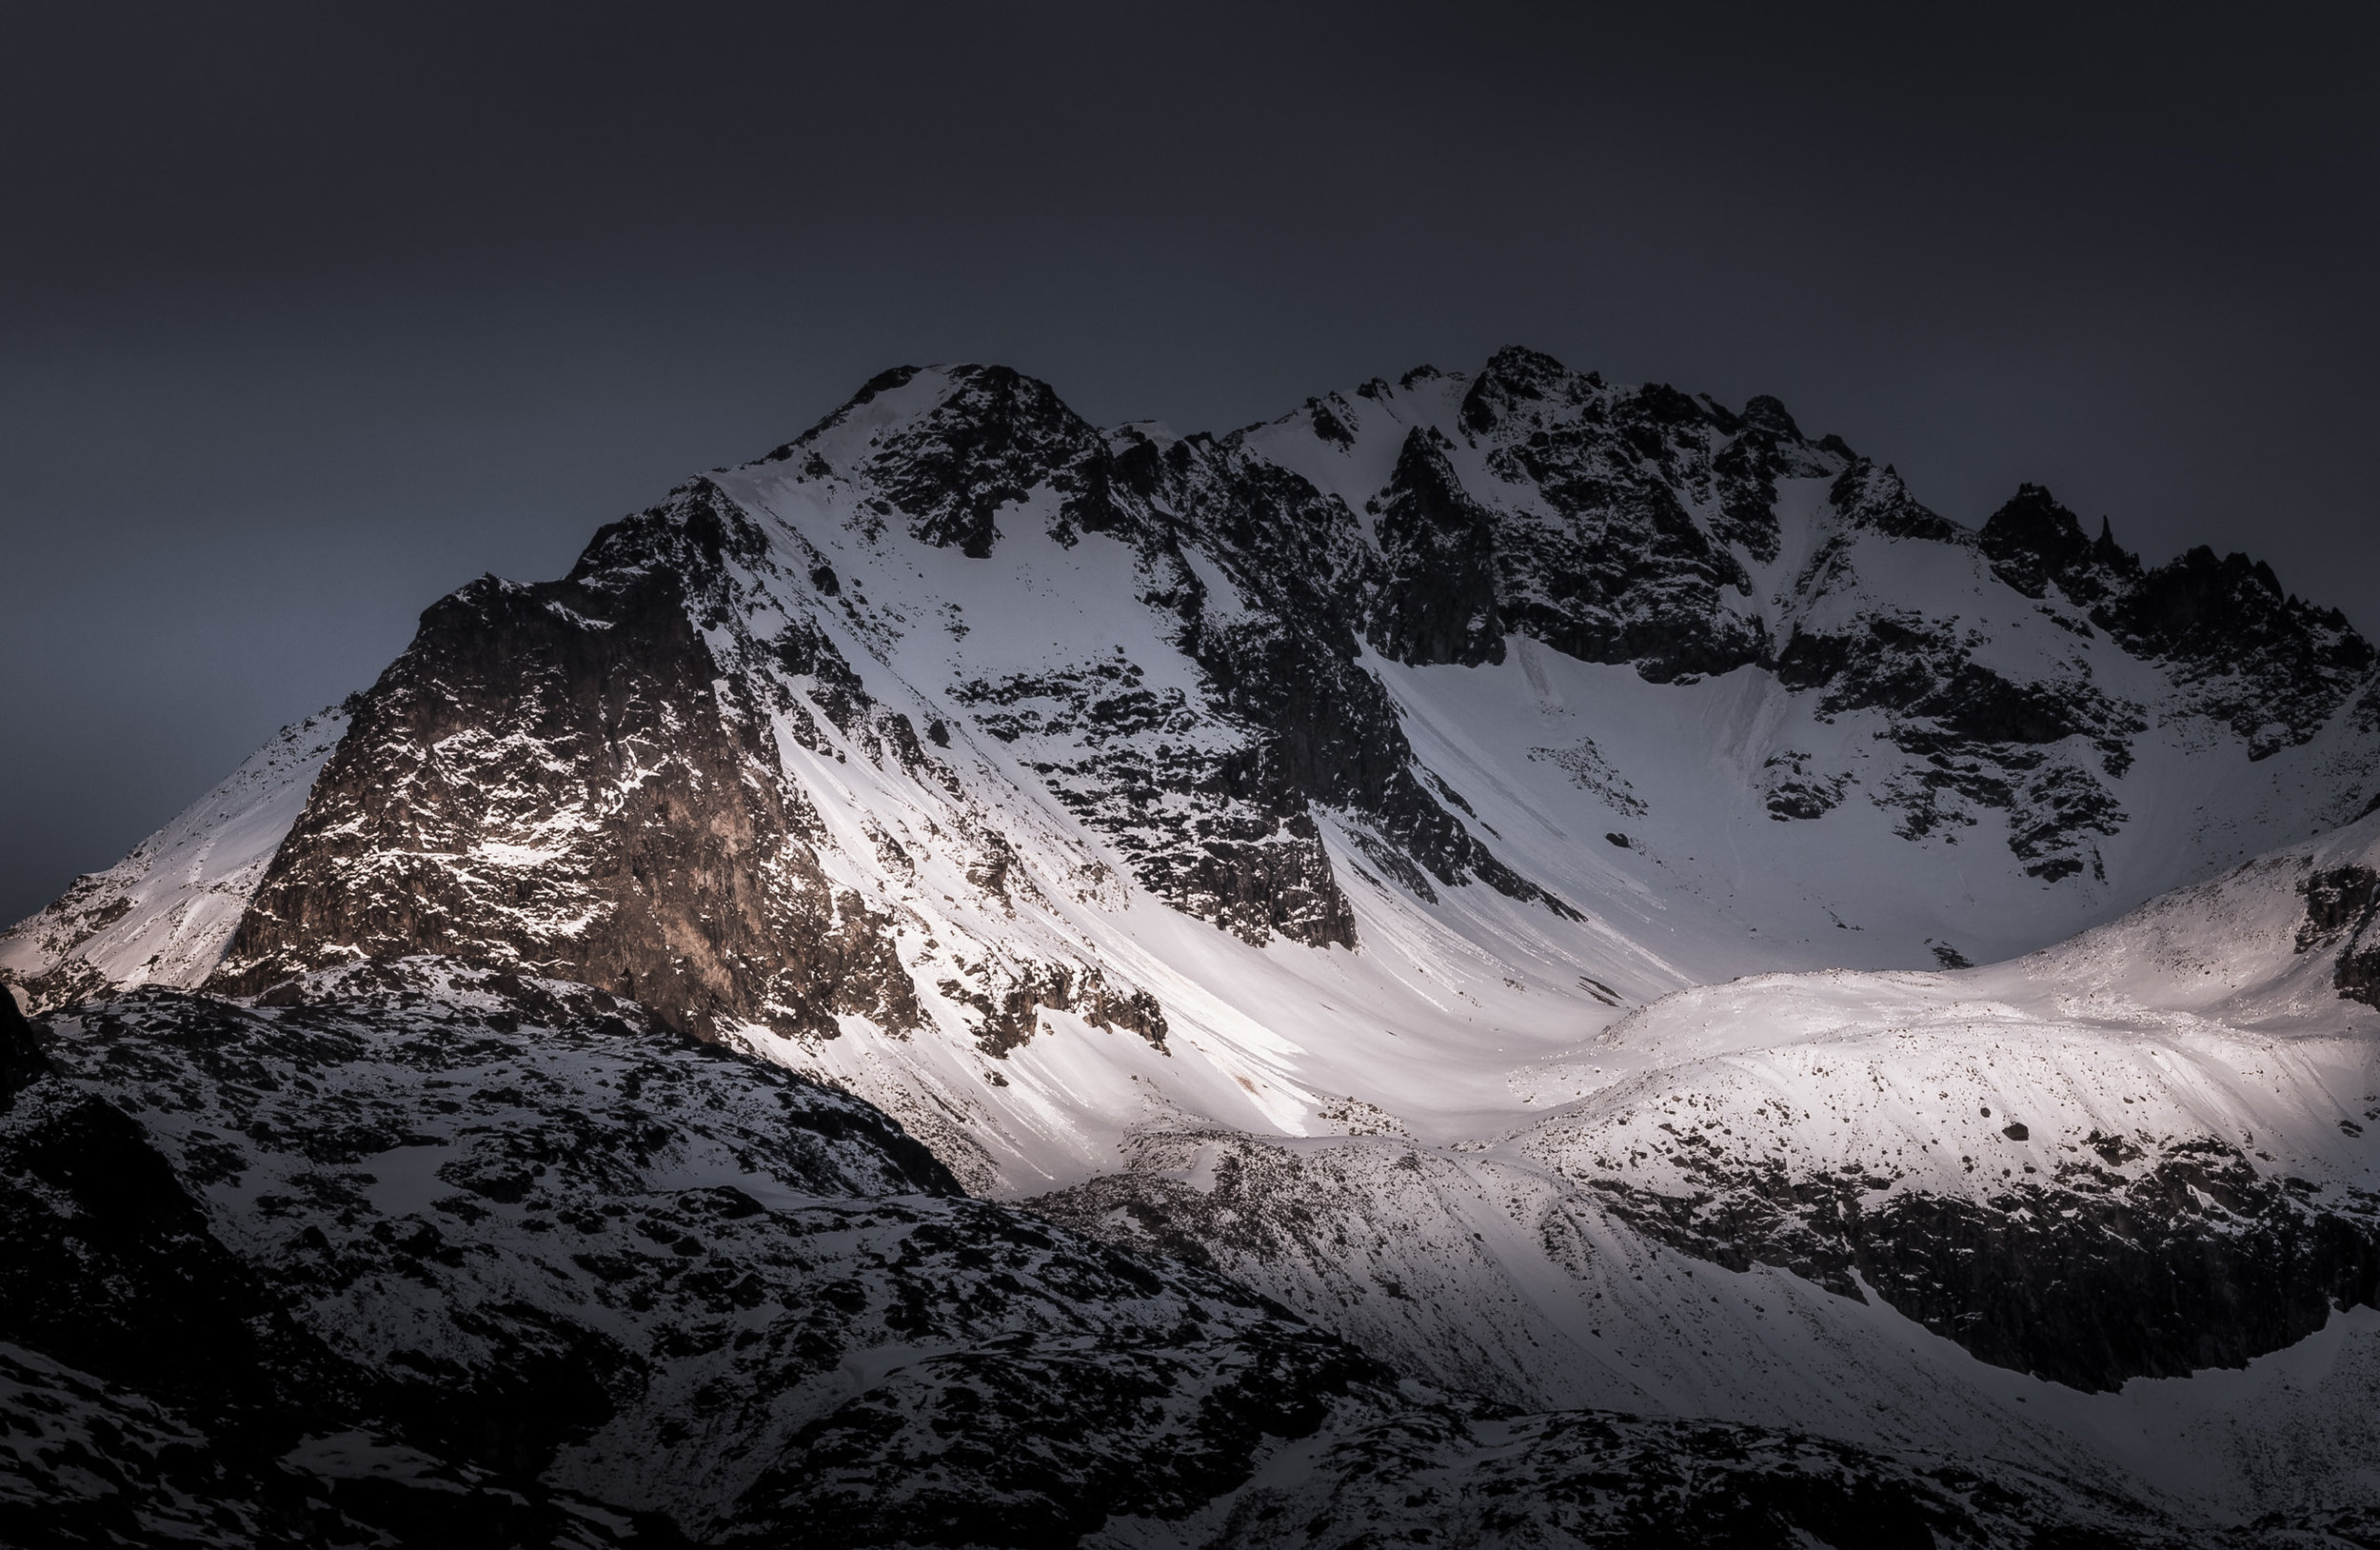 Michael Bissig - Adventure und Lifestyle Fotograf aus der Schweiz 4046eff836c9e